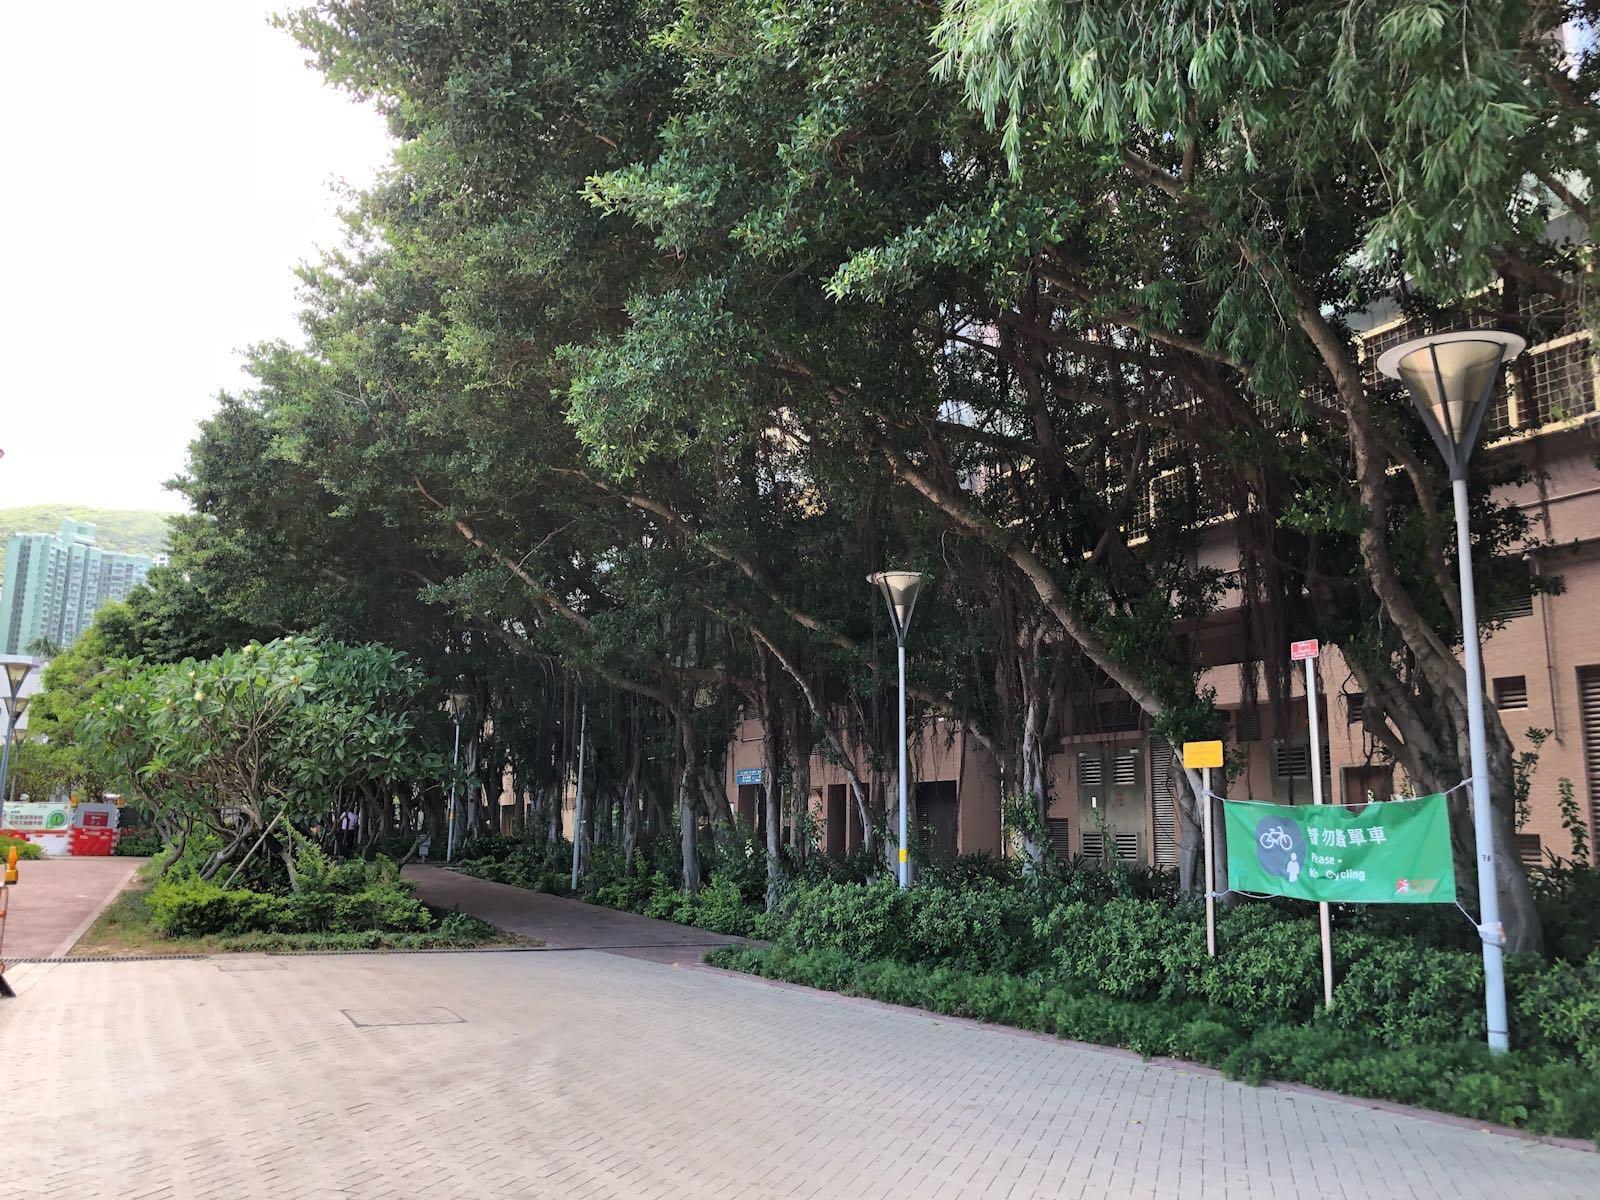 Siu Sai Wan Promenade's no cycling area